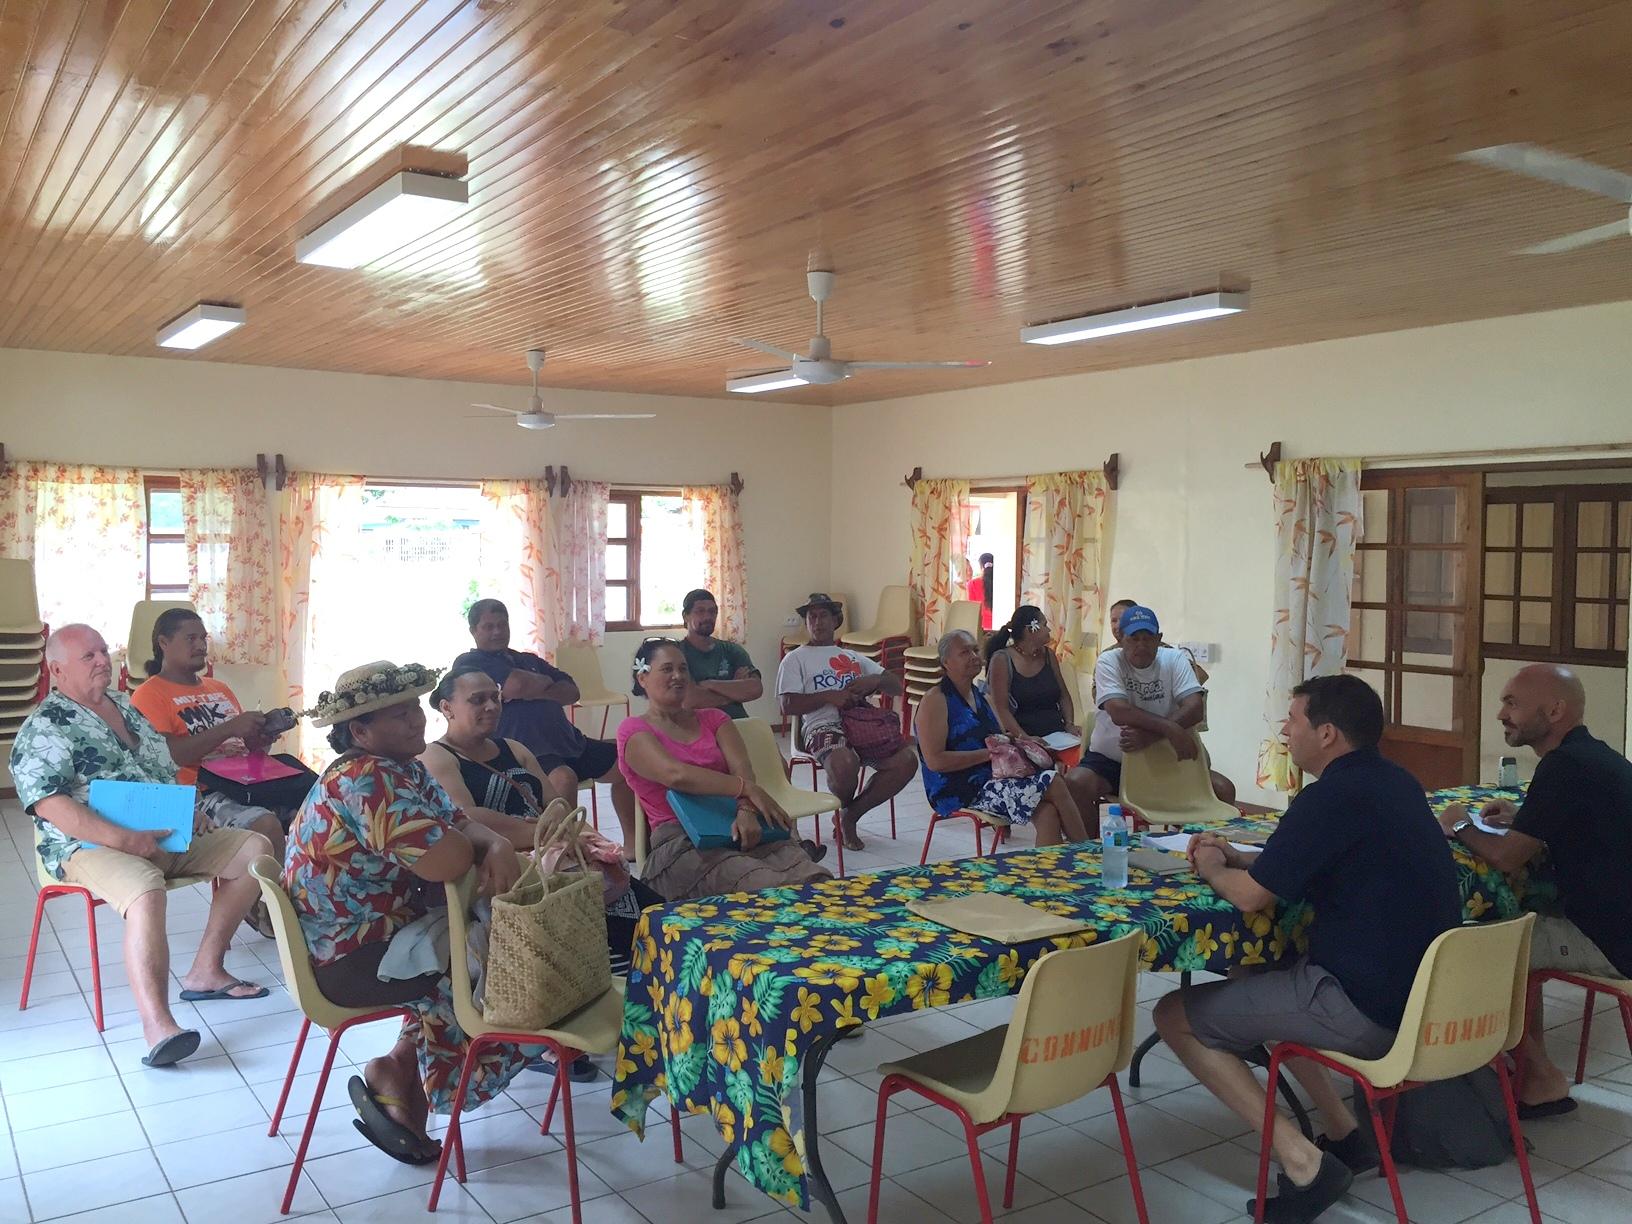 La Sofidep a organisé une réunion publique d'information afin de présenter aux chefs d'entreprises et aux porteurs de projet les produits de financement qu'elle peut leur offrir. Le 13 septembre à la mairie de Moerai (Rurutu), les représentants de la SEM sont également attendus le 15 septembre à la mairie de Mataura (Tubuai).